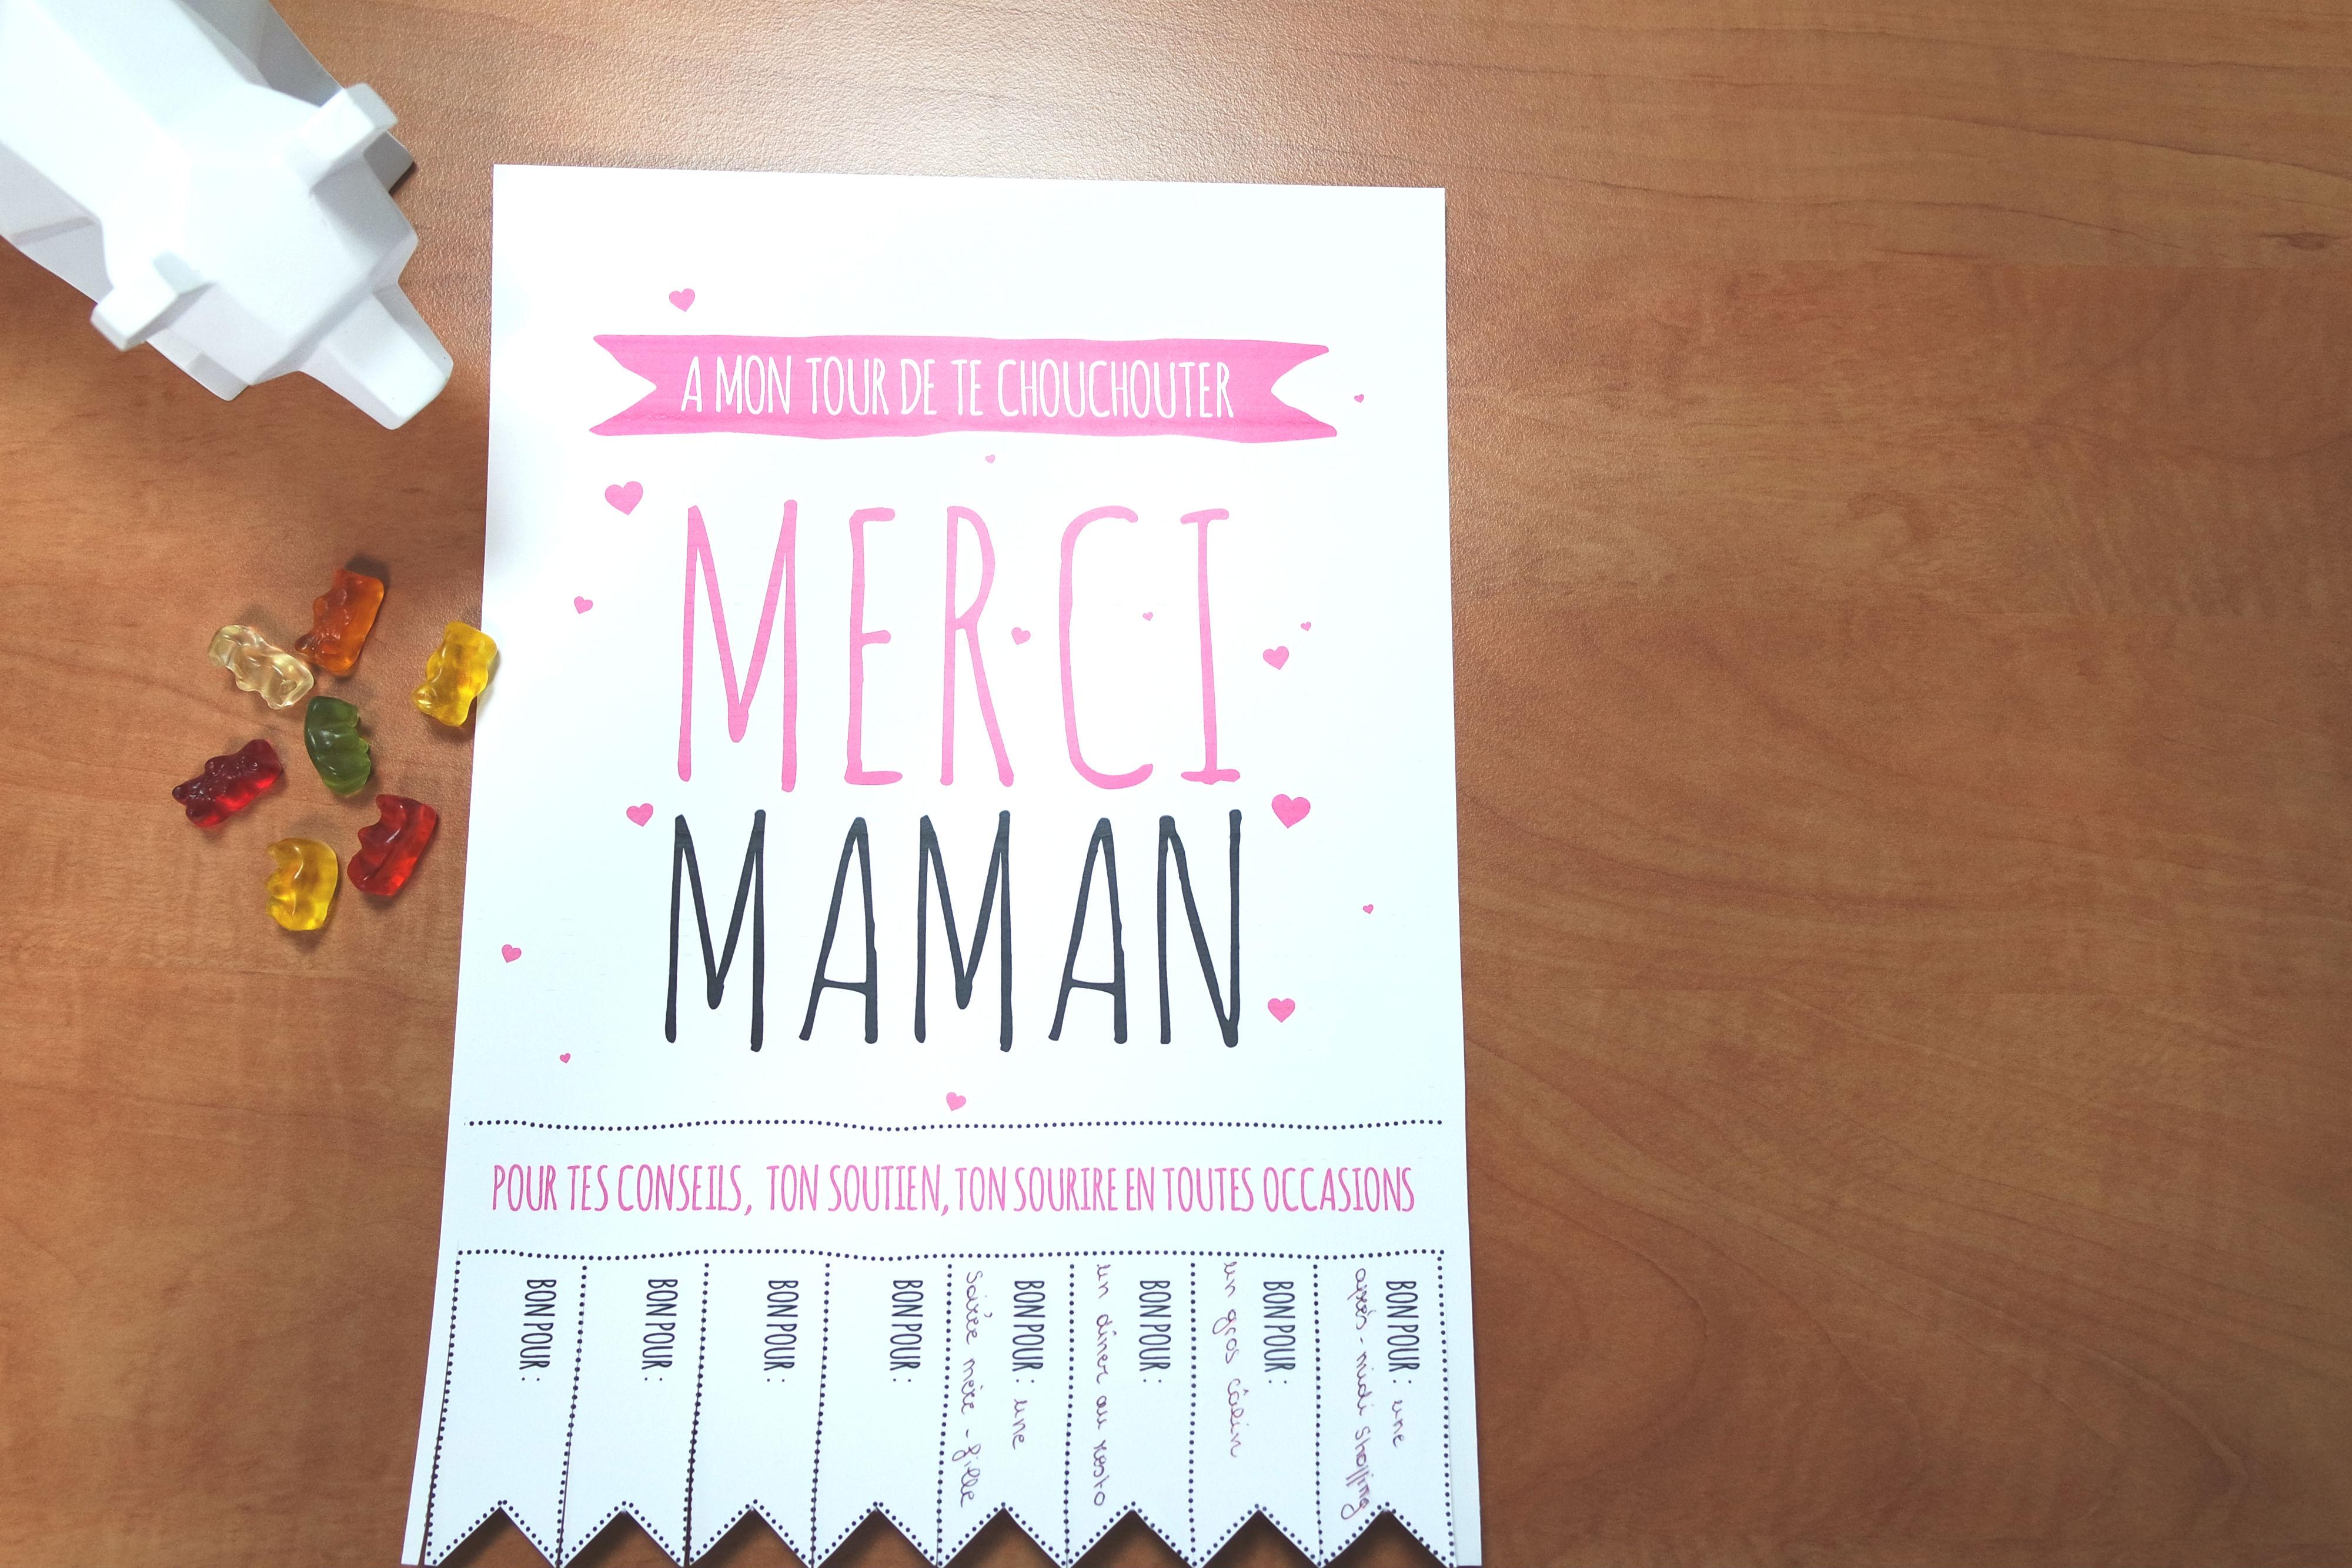 Fabriquer un cadeau pour noel pour maman   Airship paris.fr